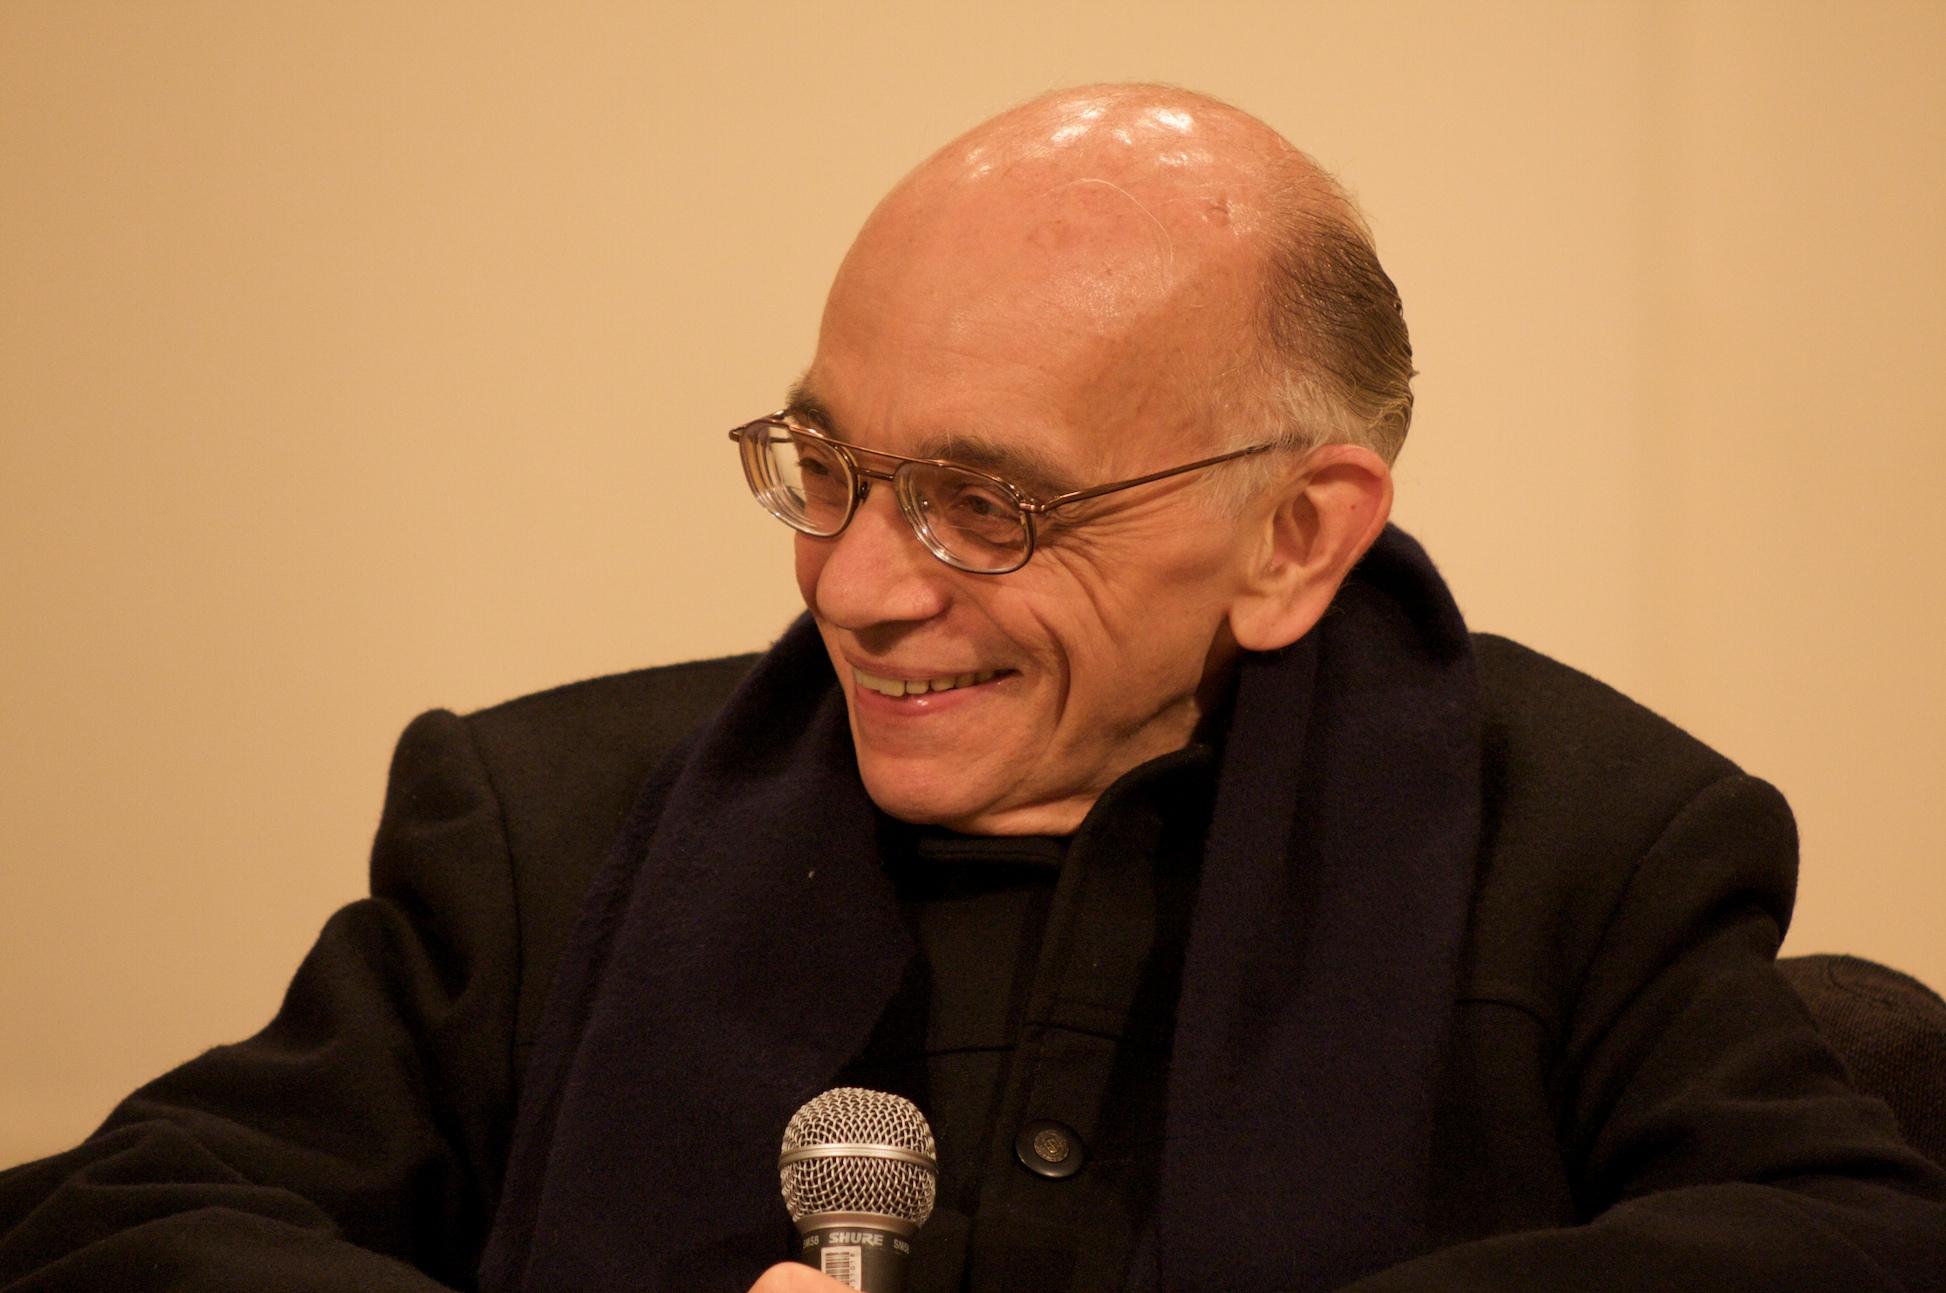 José Antonio Abreu recibe título Honoris Causa en el Instituto de Música de Cleveland